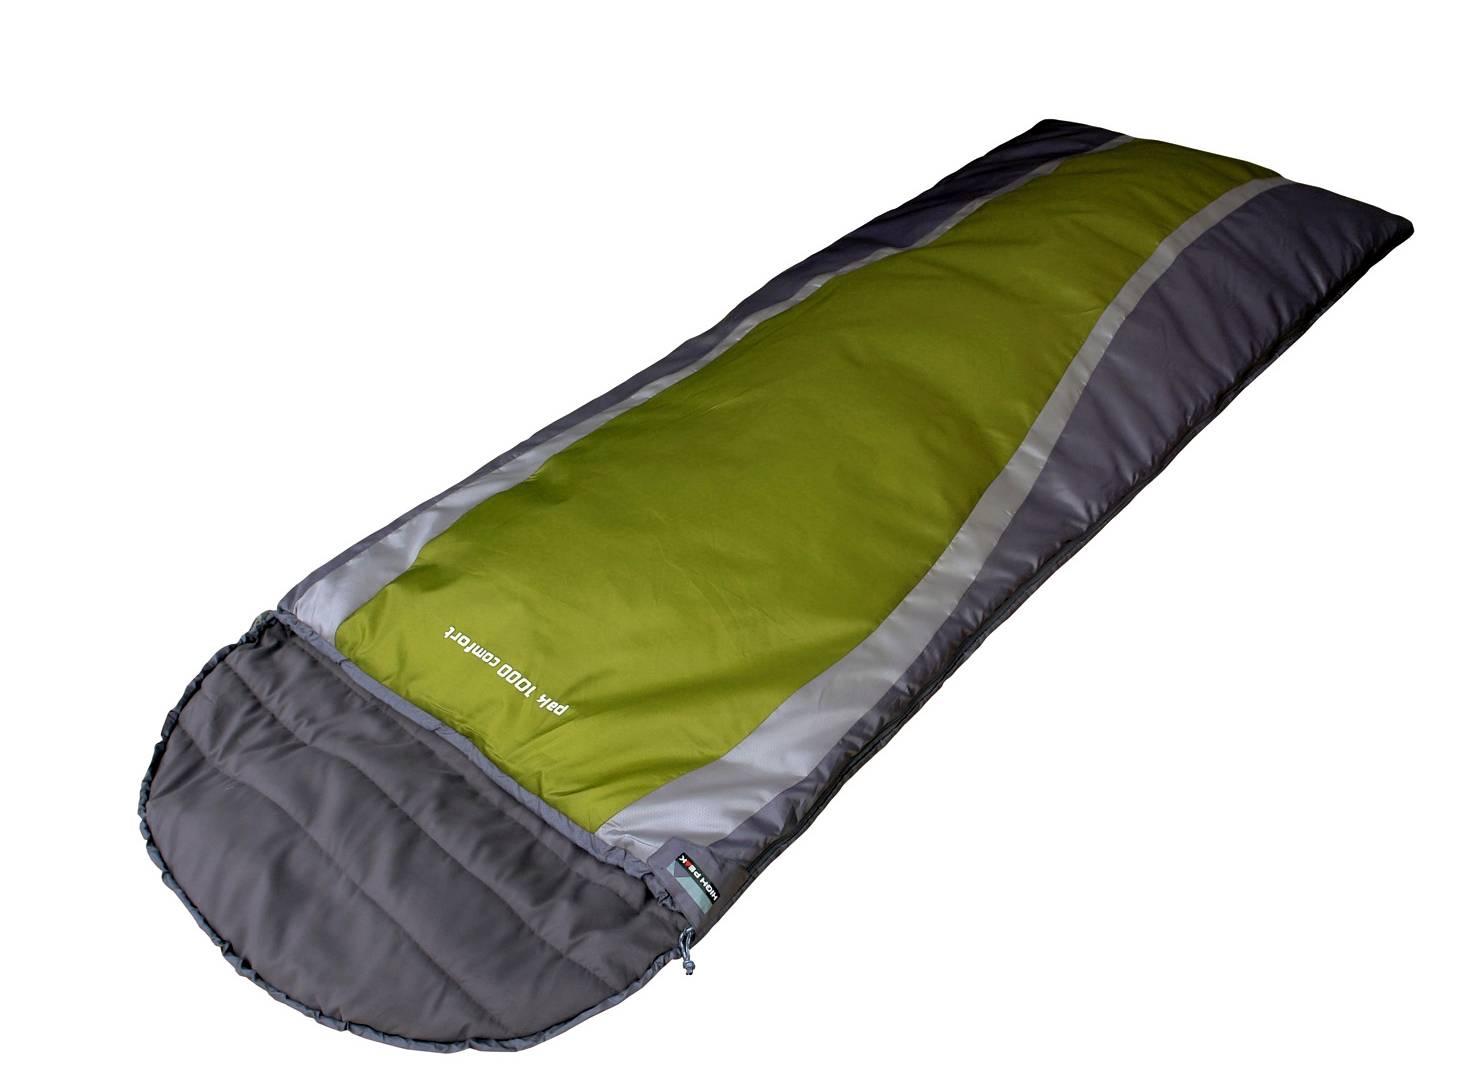 Спальный мешок High Peak Pak 1600  23310Спальные мешки<br>Теплый трехсезонный спальный мешок с двухслойным синтетическим наполнителем, двойной утепленной молнией и анатомическим капюшоном. Обеспечивает комфортный сон даже при &amp;#43;2°С. Позволяет не замерзнуть при -13°С. Снабжен внутренним карманом, тепловым воротником, молниями для состегивания и компрессионным мешком.<br><br>Отличный выбор для тех, кто собирается в поход, путешествие или на рыбалку. Не даст замерзнуть в холодную погоду. Идеально подходит для тех кому важен не только маленький вес и размер спального мешка, но еще и привычный комфорт.<br><br>Длина...<br><br>Тип: спальный мешок<br>Тип спального мешка: кокон<br>Капюшон: есть<br>Температура комфорта: + 9°С<br>Наружный материал: нейлон (Mini RipStop 210T)<br>Внутренний материал: полиэстер (230T P/S Micro)<br>Наполнитель: синтетика (Duraloft H1) 2 слоя